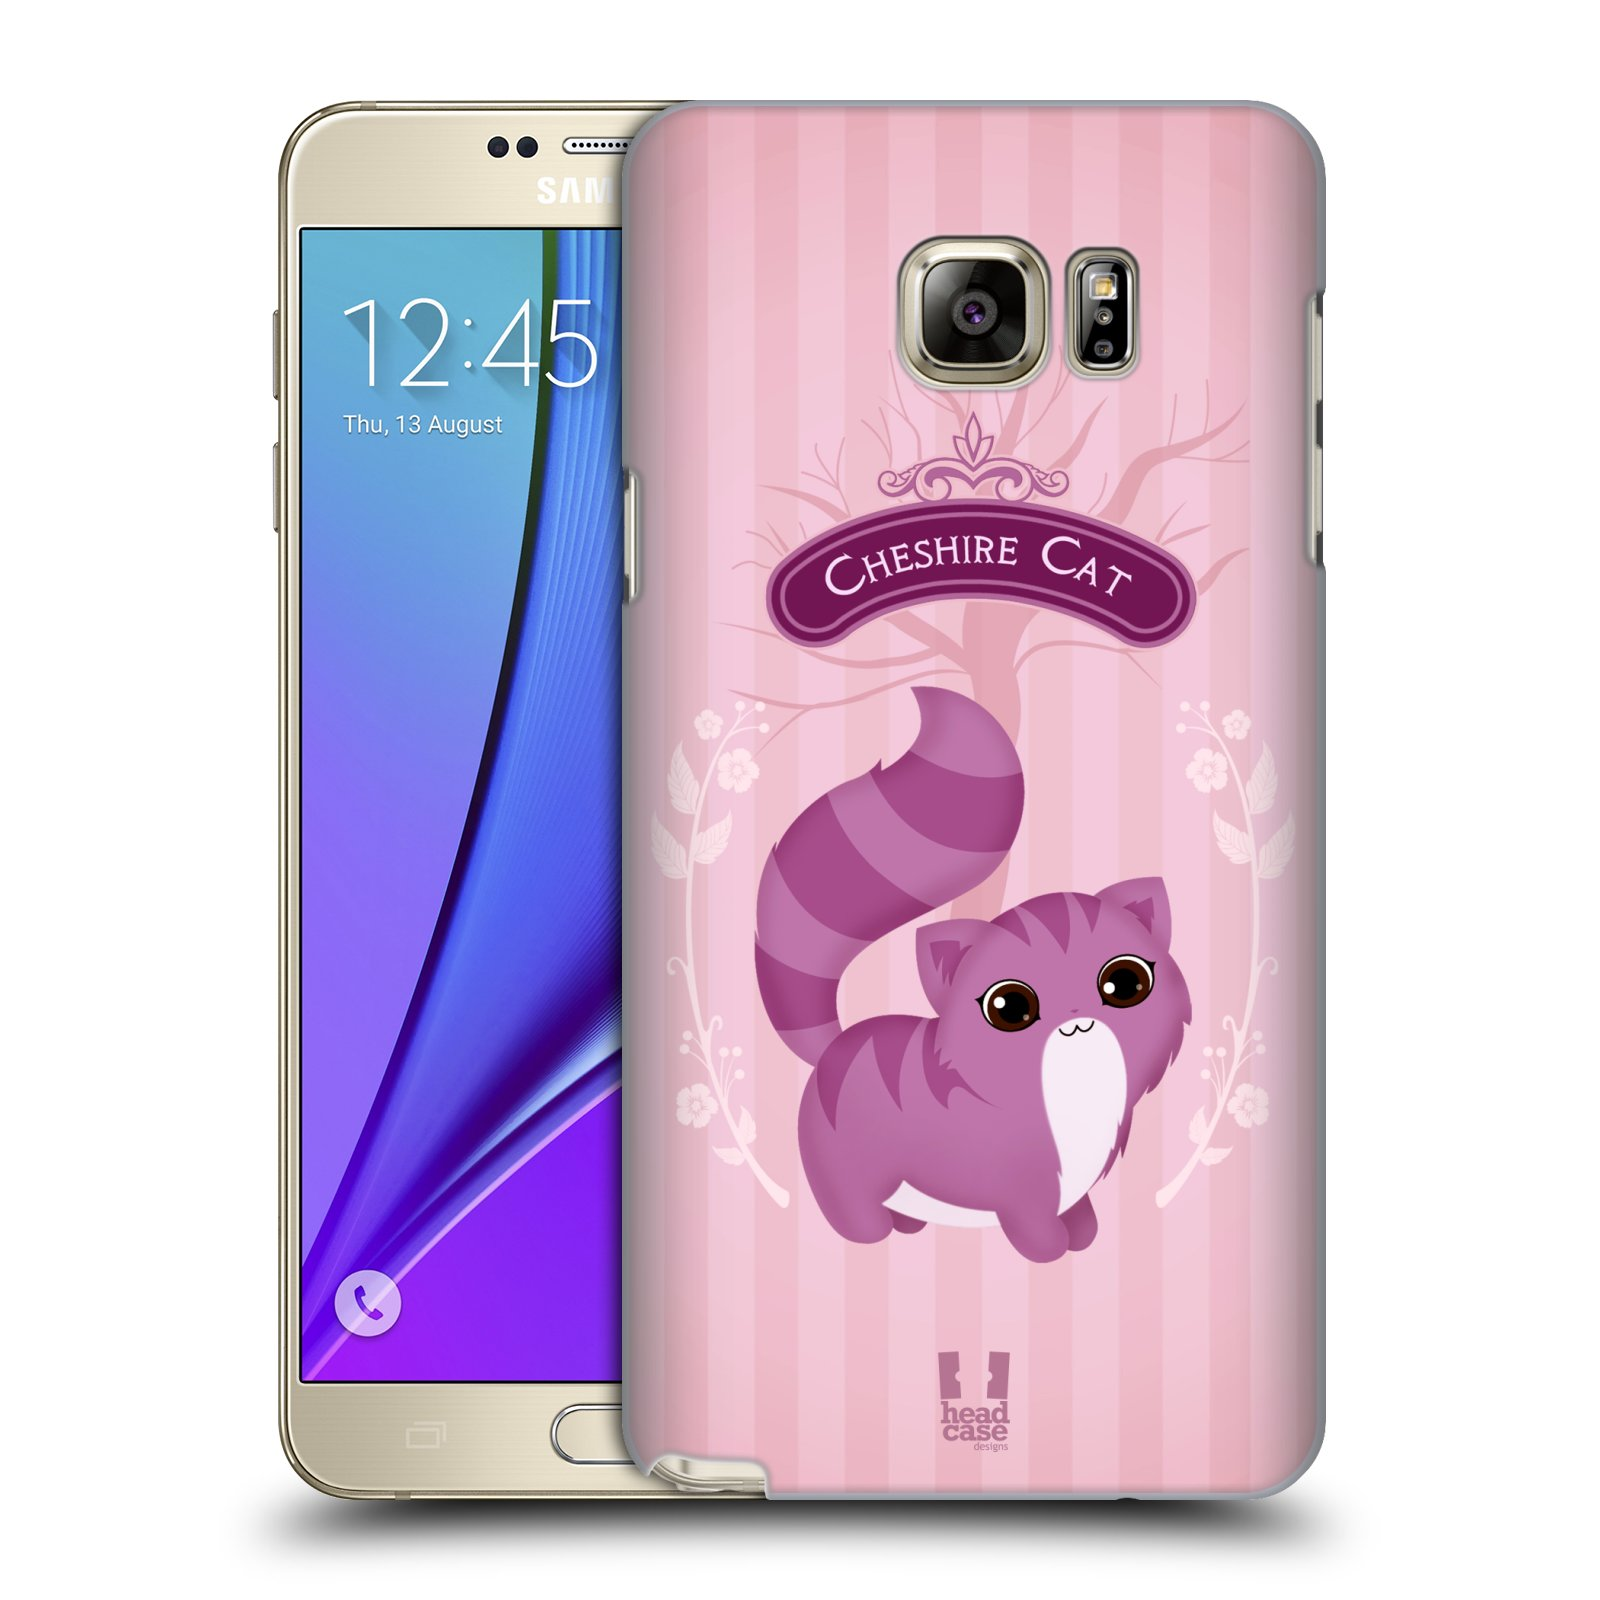 HEAD CASE plastový obal na mobil SAMSUNG Galaxy Note 5 (N920) vzor Alenka v říši divů kočička